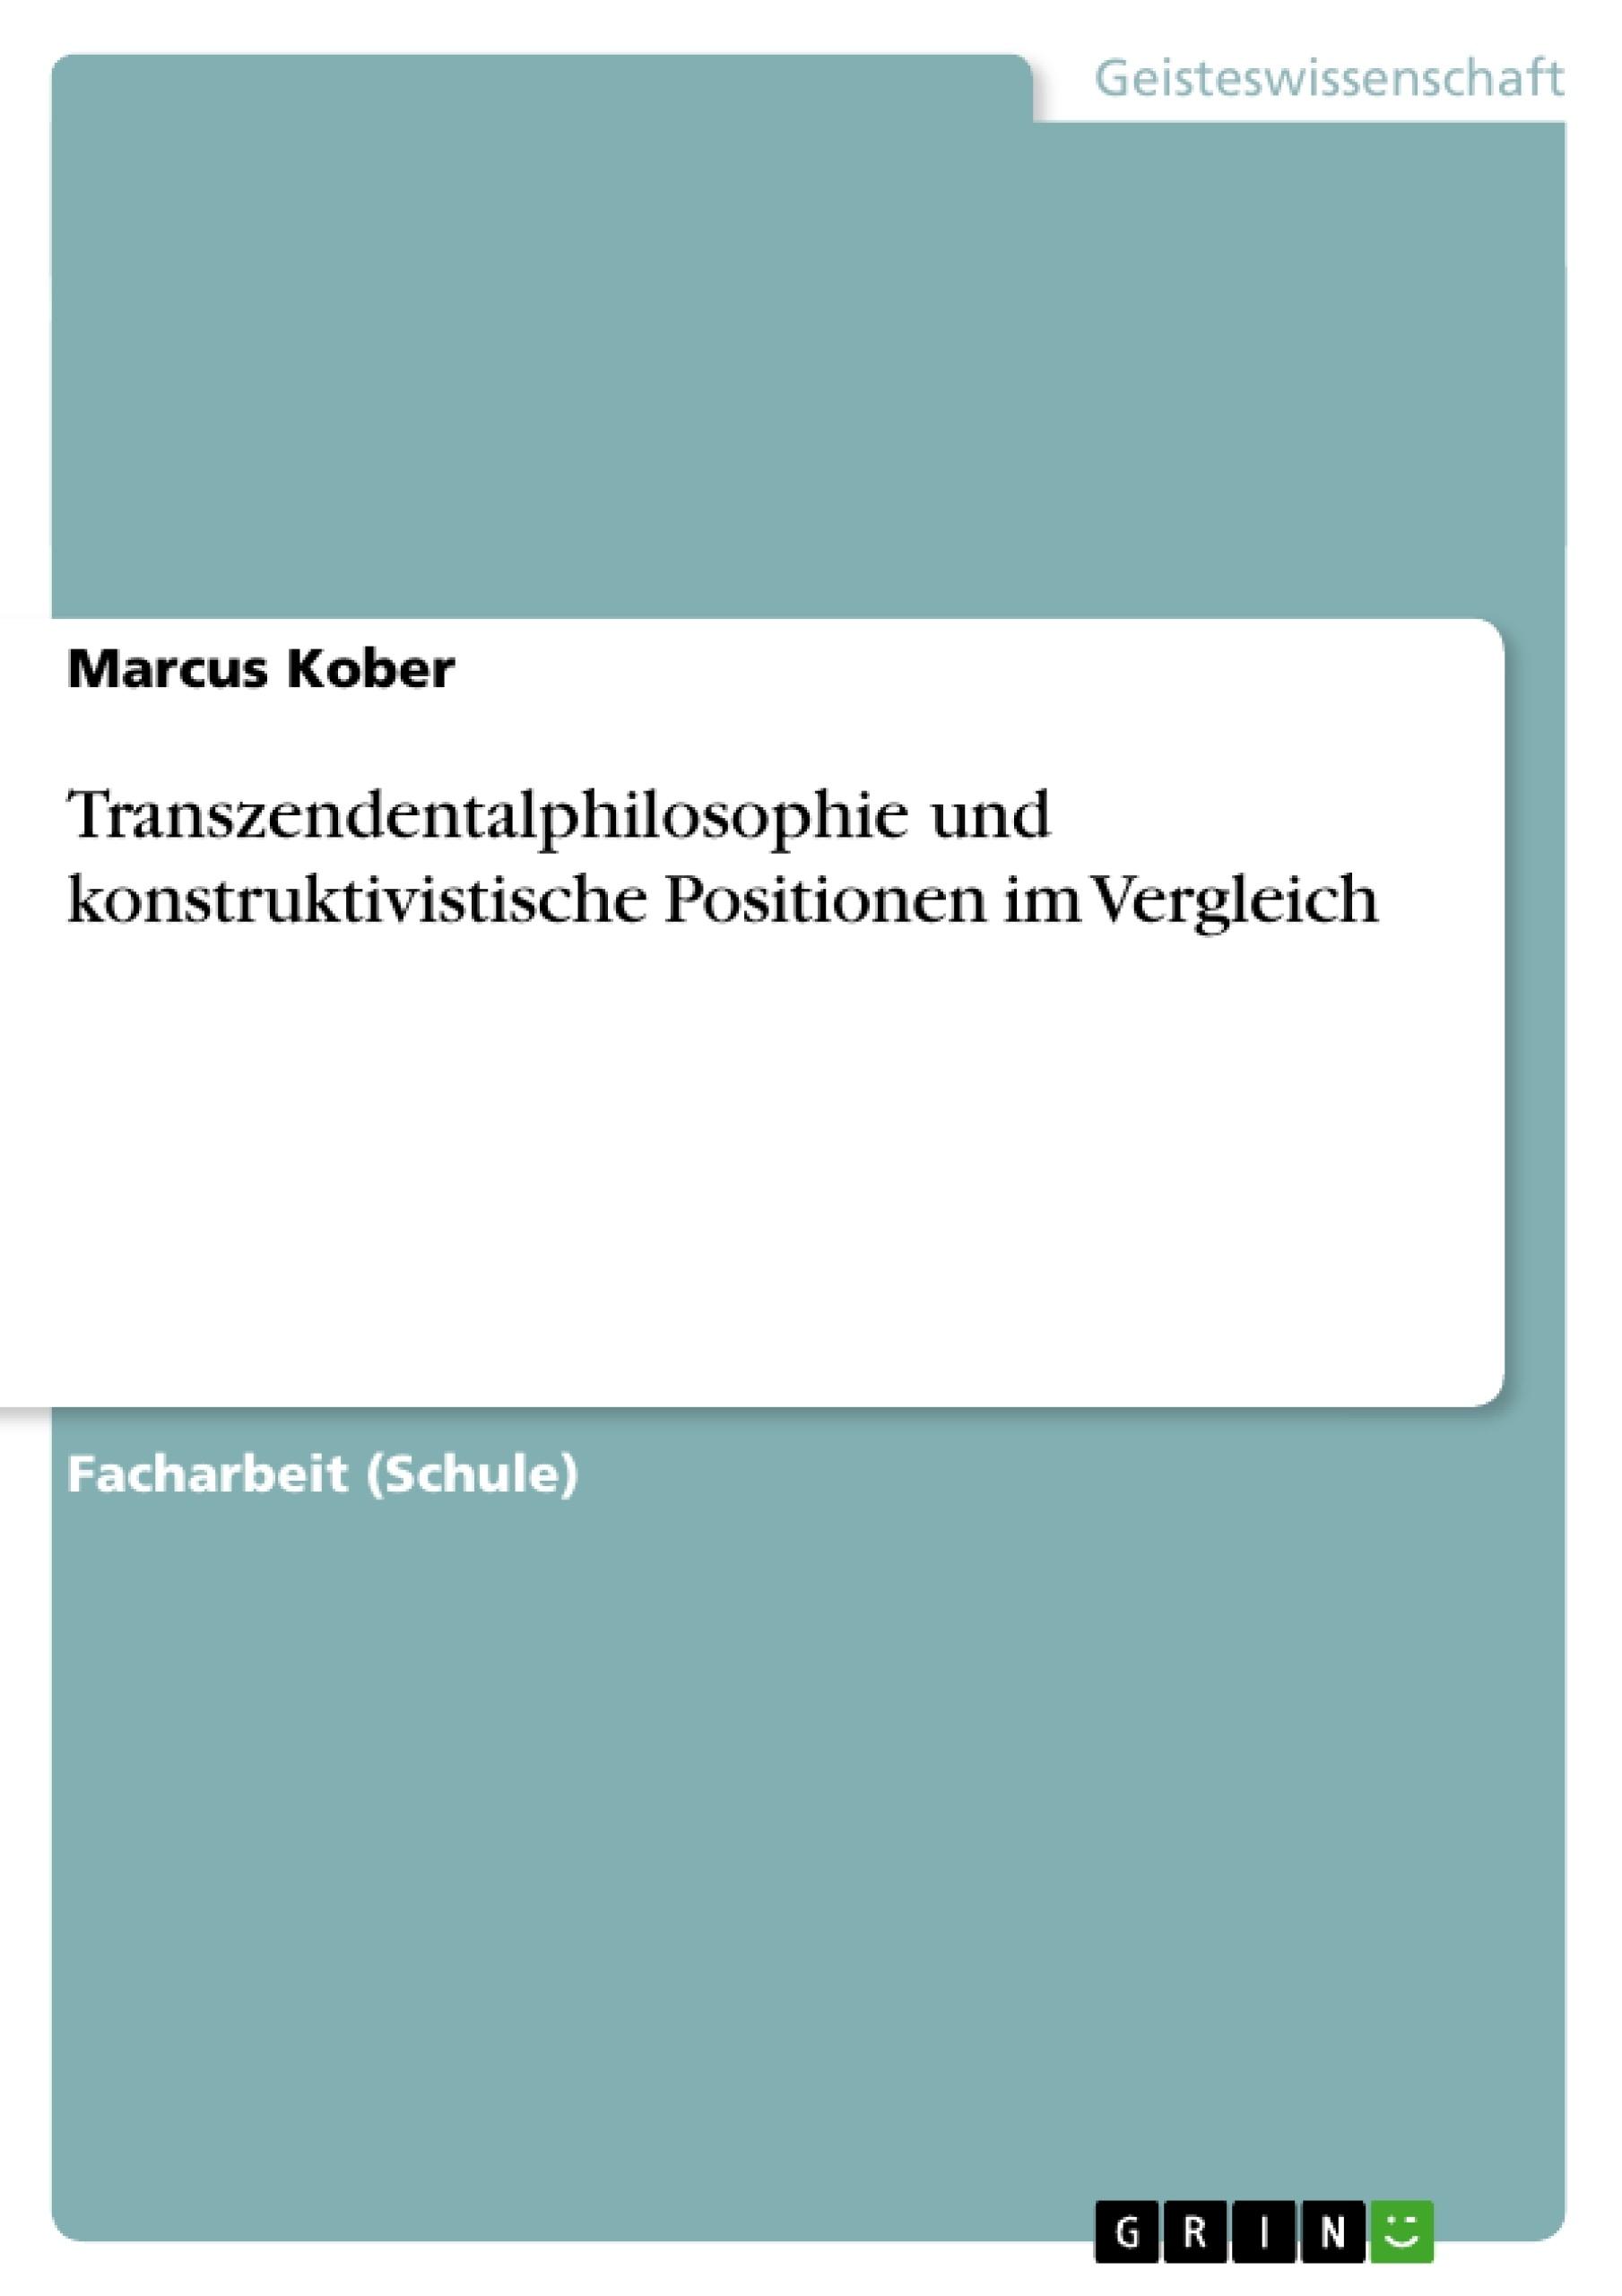 Titel: Transzendentalphilosophie und konstruktivistische Positionen im Vergleich